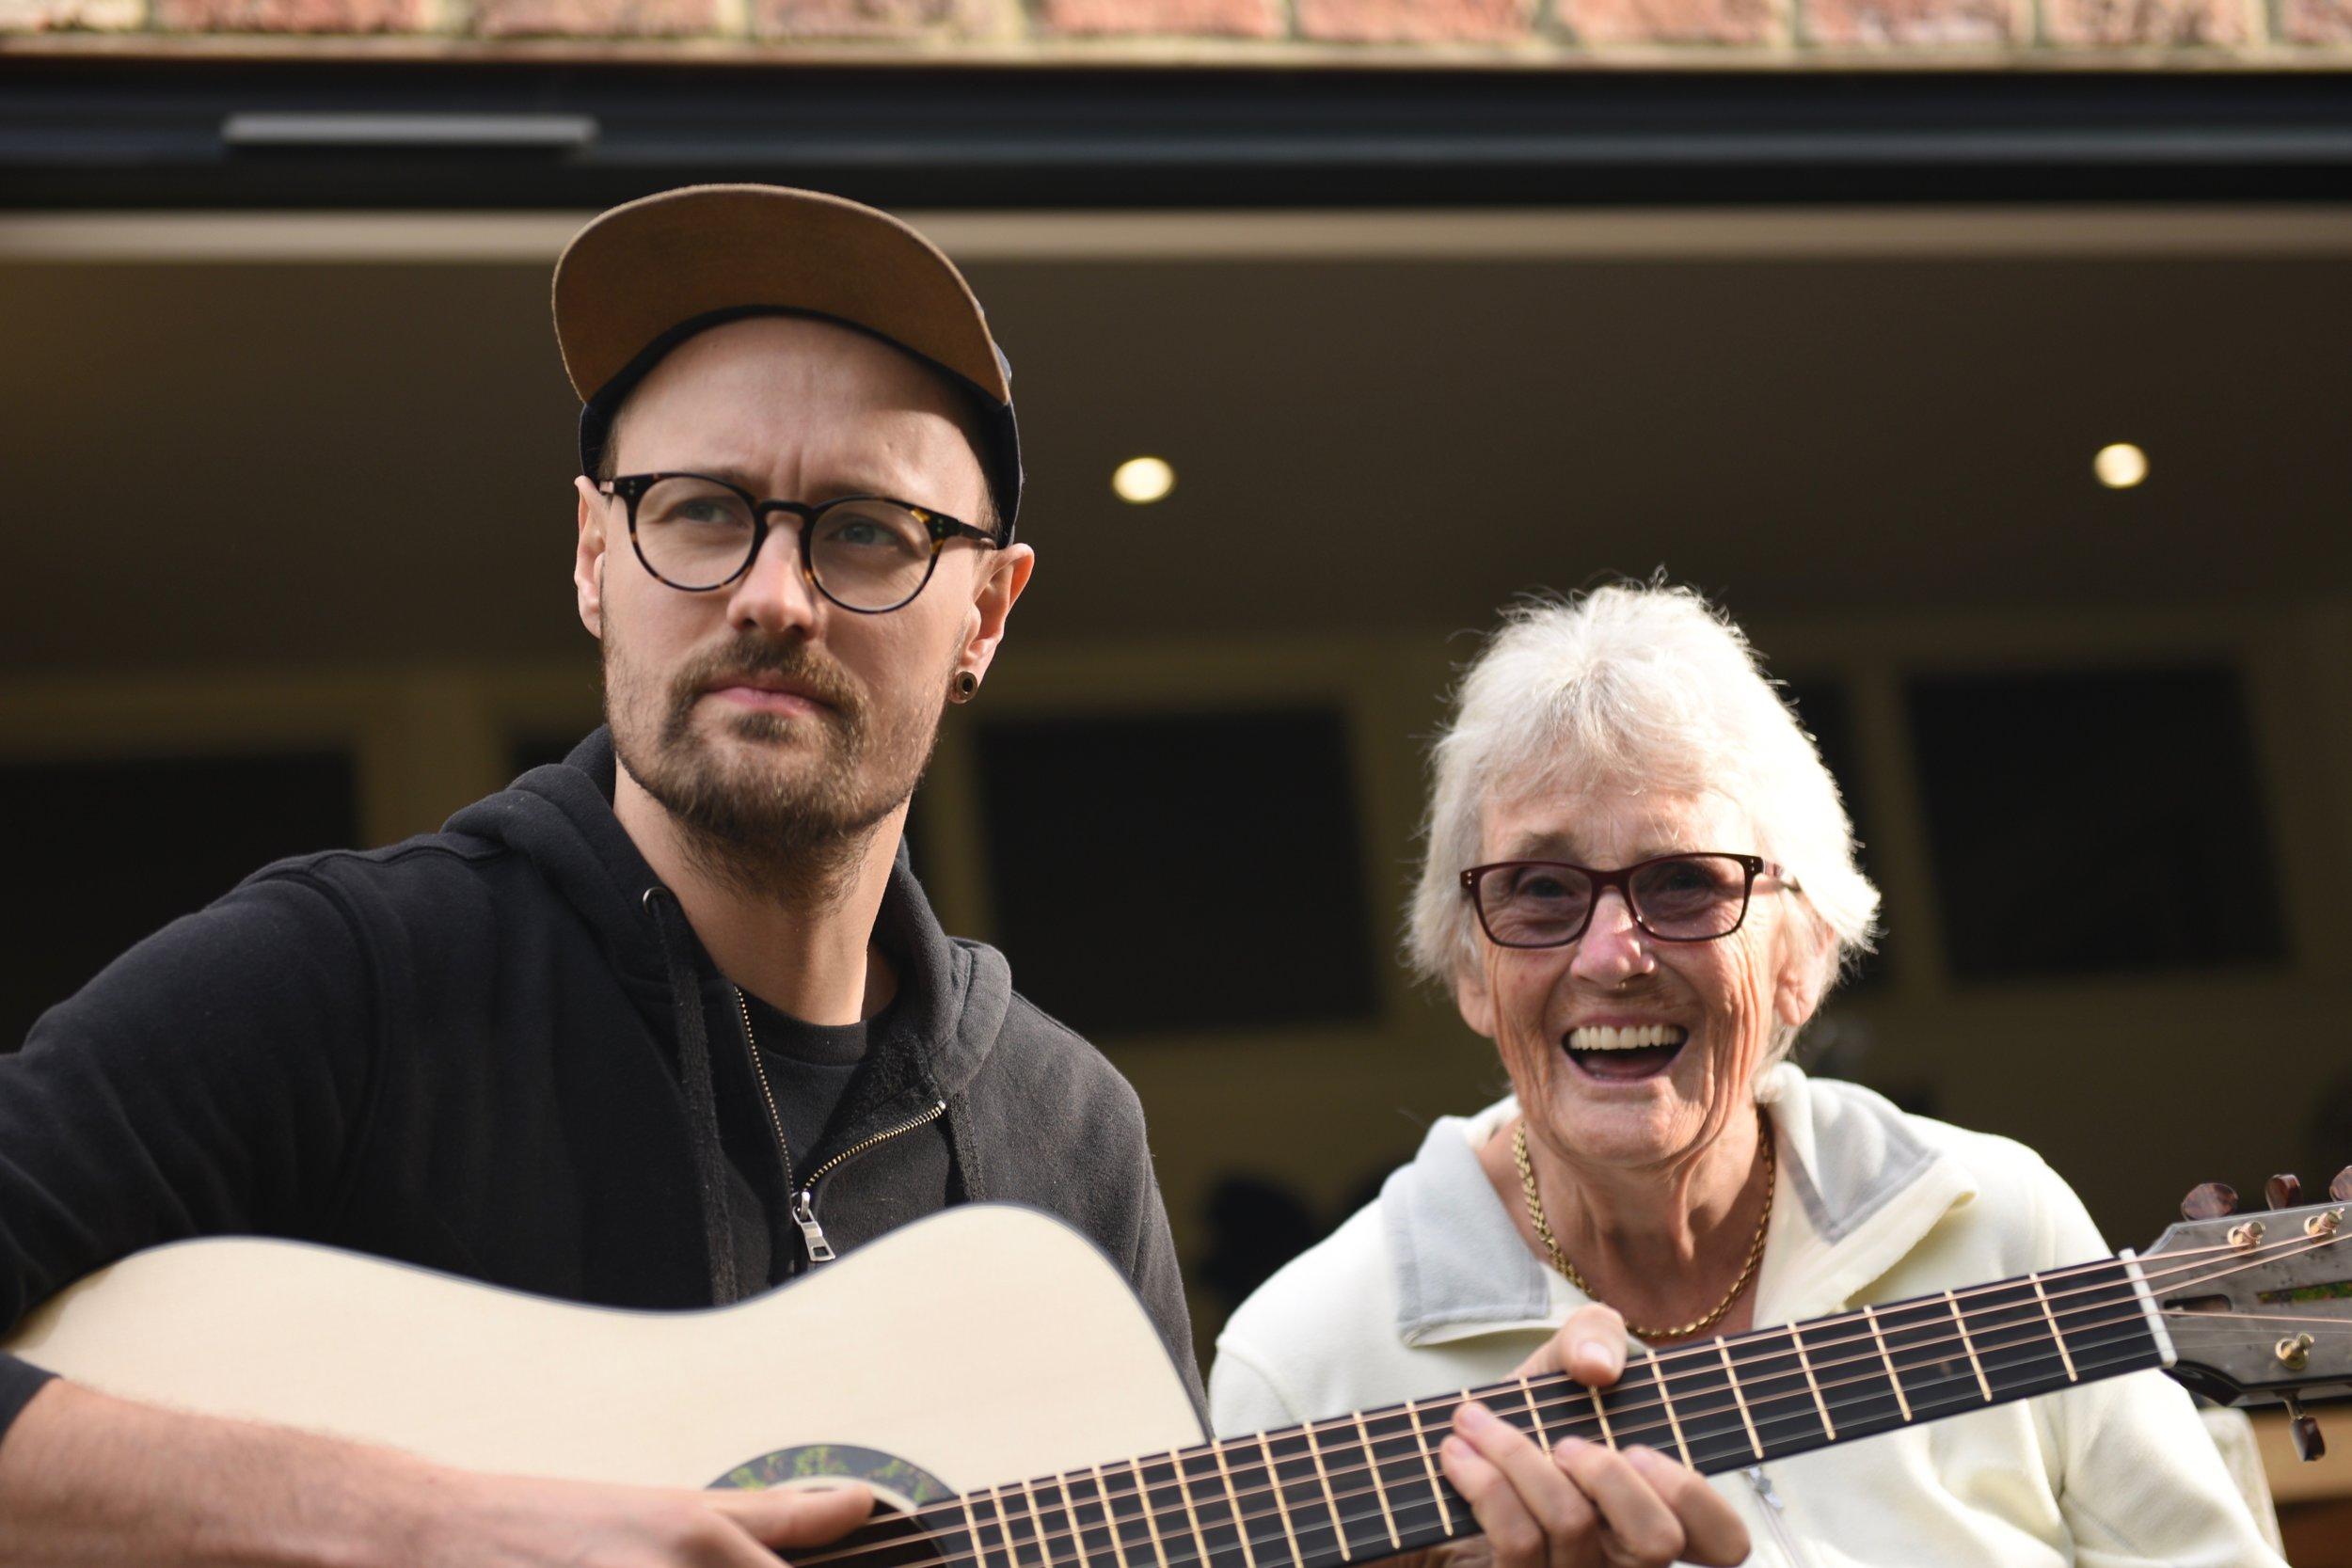 One happy Granny